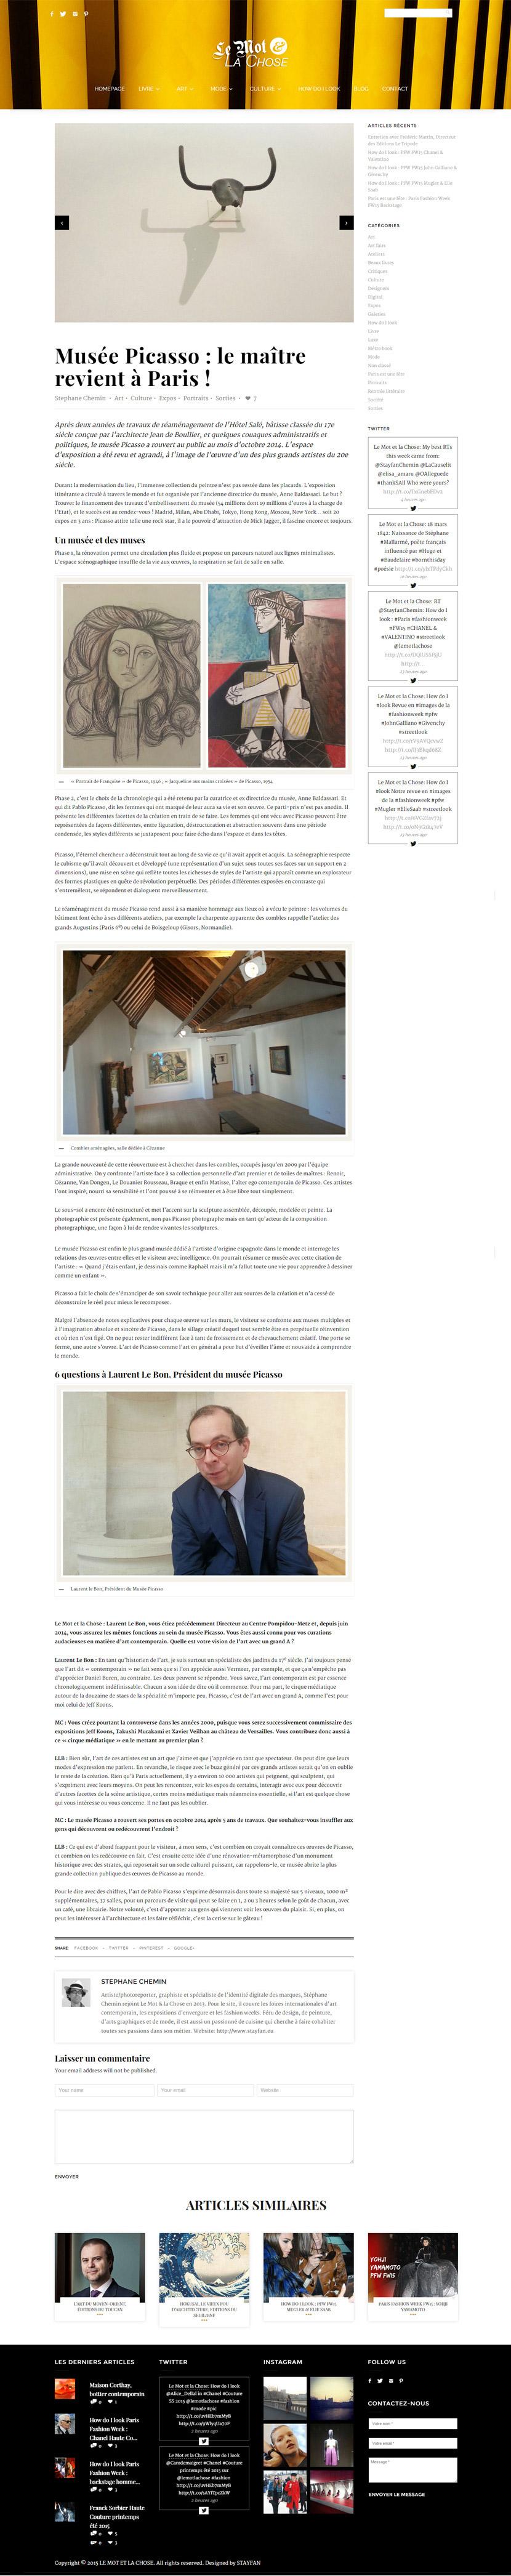 Le-mot-la-chose_Stephane-Chemin-Directeur-Artistique-Graphiste-freelance_02f